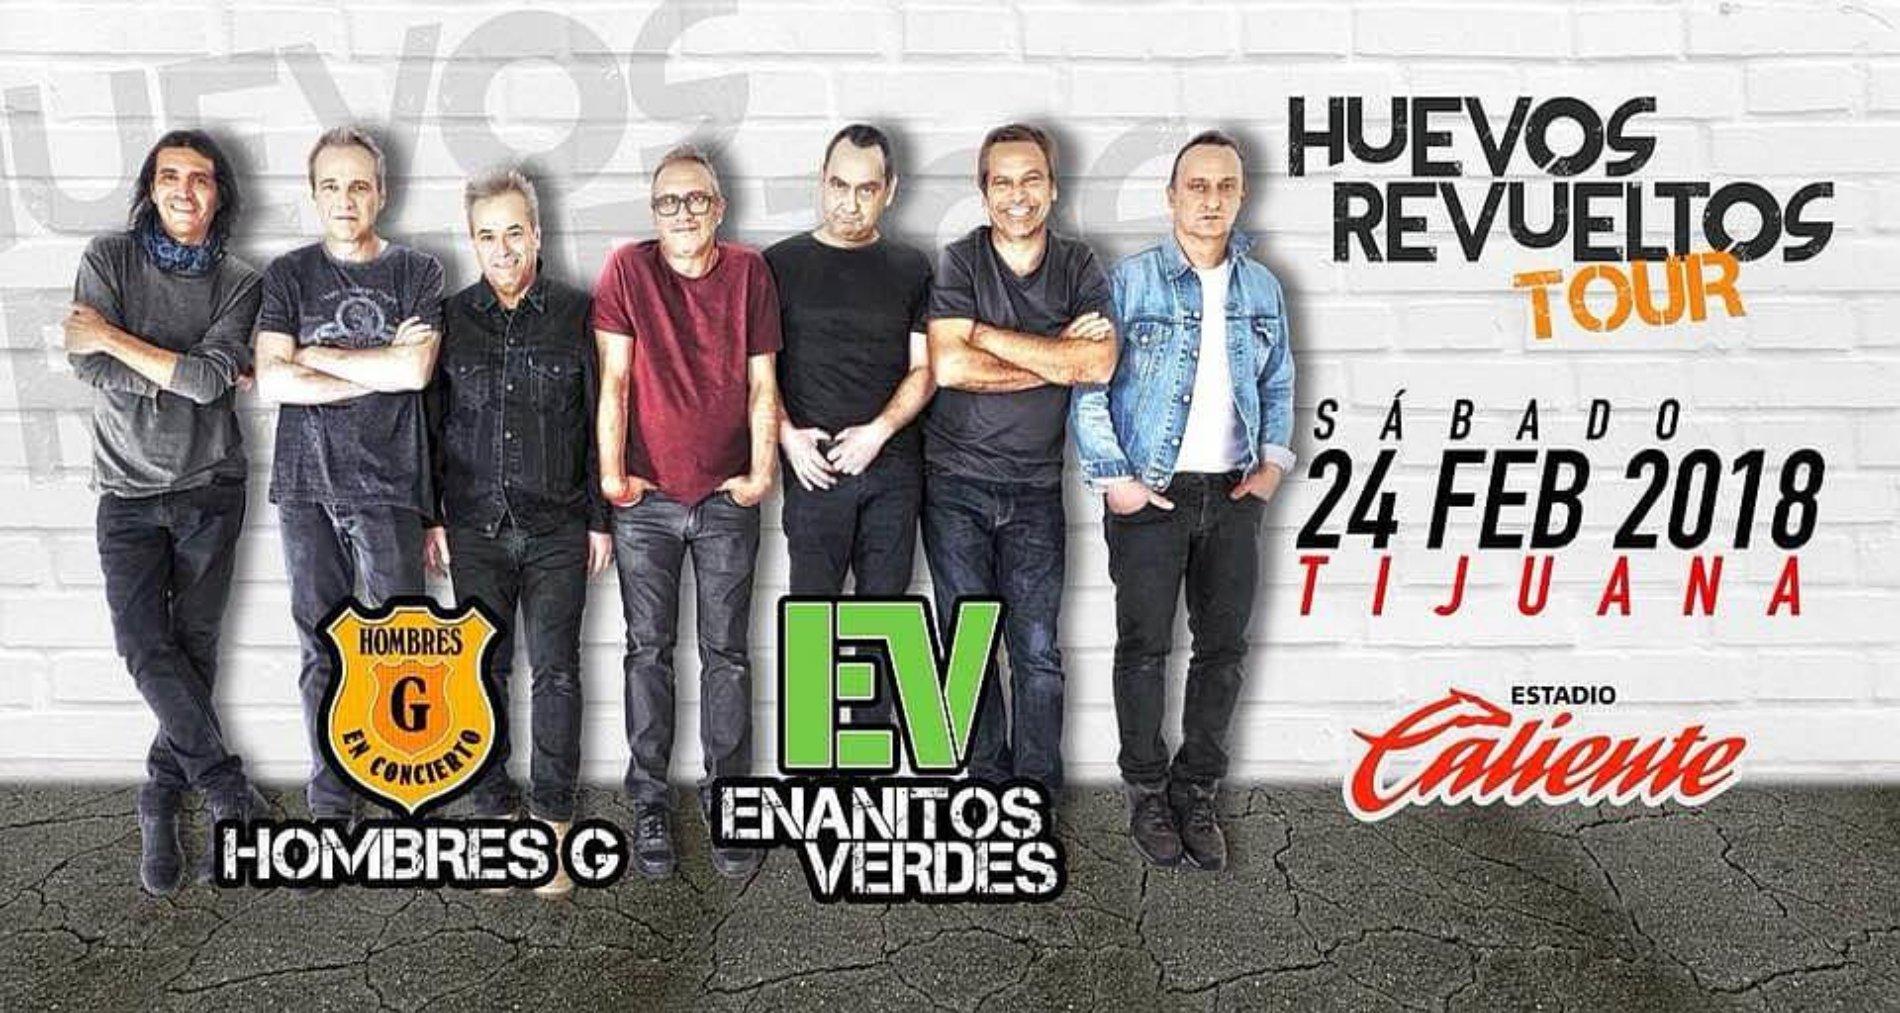 Huevos Revueltos Tour Tijuana 2018